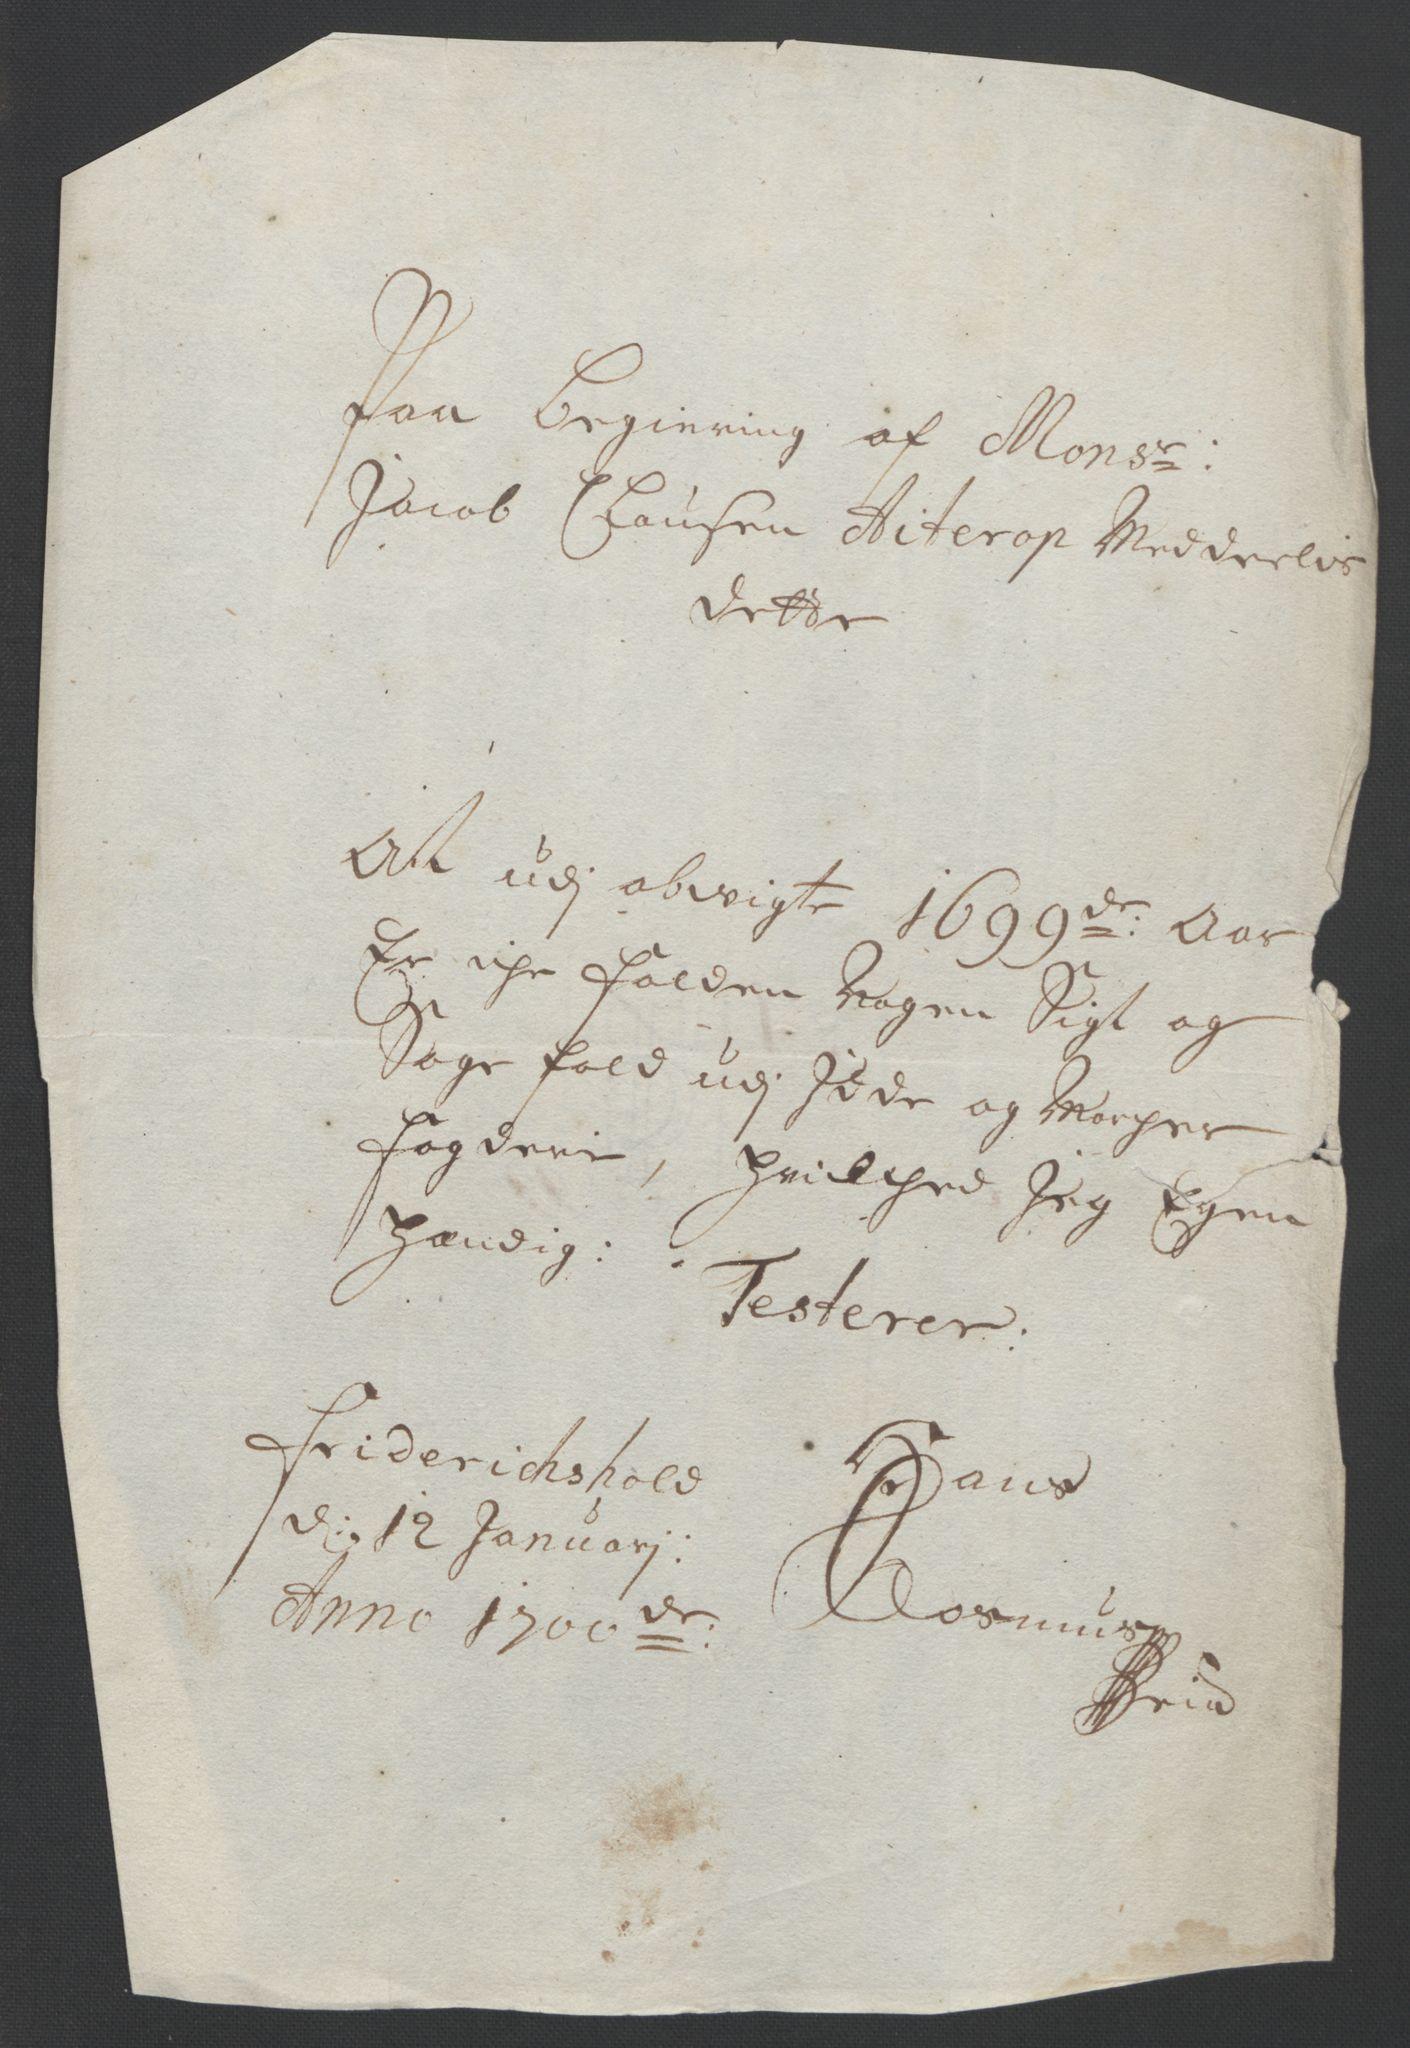 RA, Rentekammeret inntil 1814, Reviderte regnskaper, Fogderegnskap, R01/L0014: Fogderegnskap Idd og Marker, 1699, s. 44